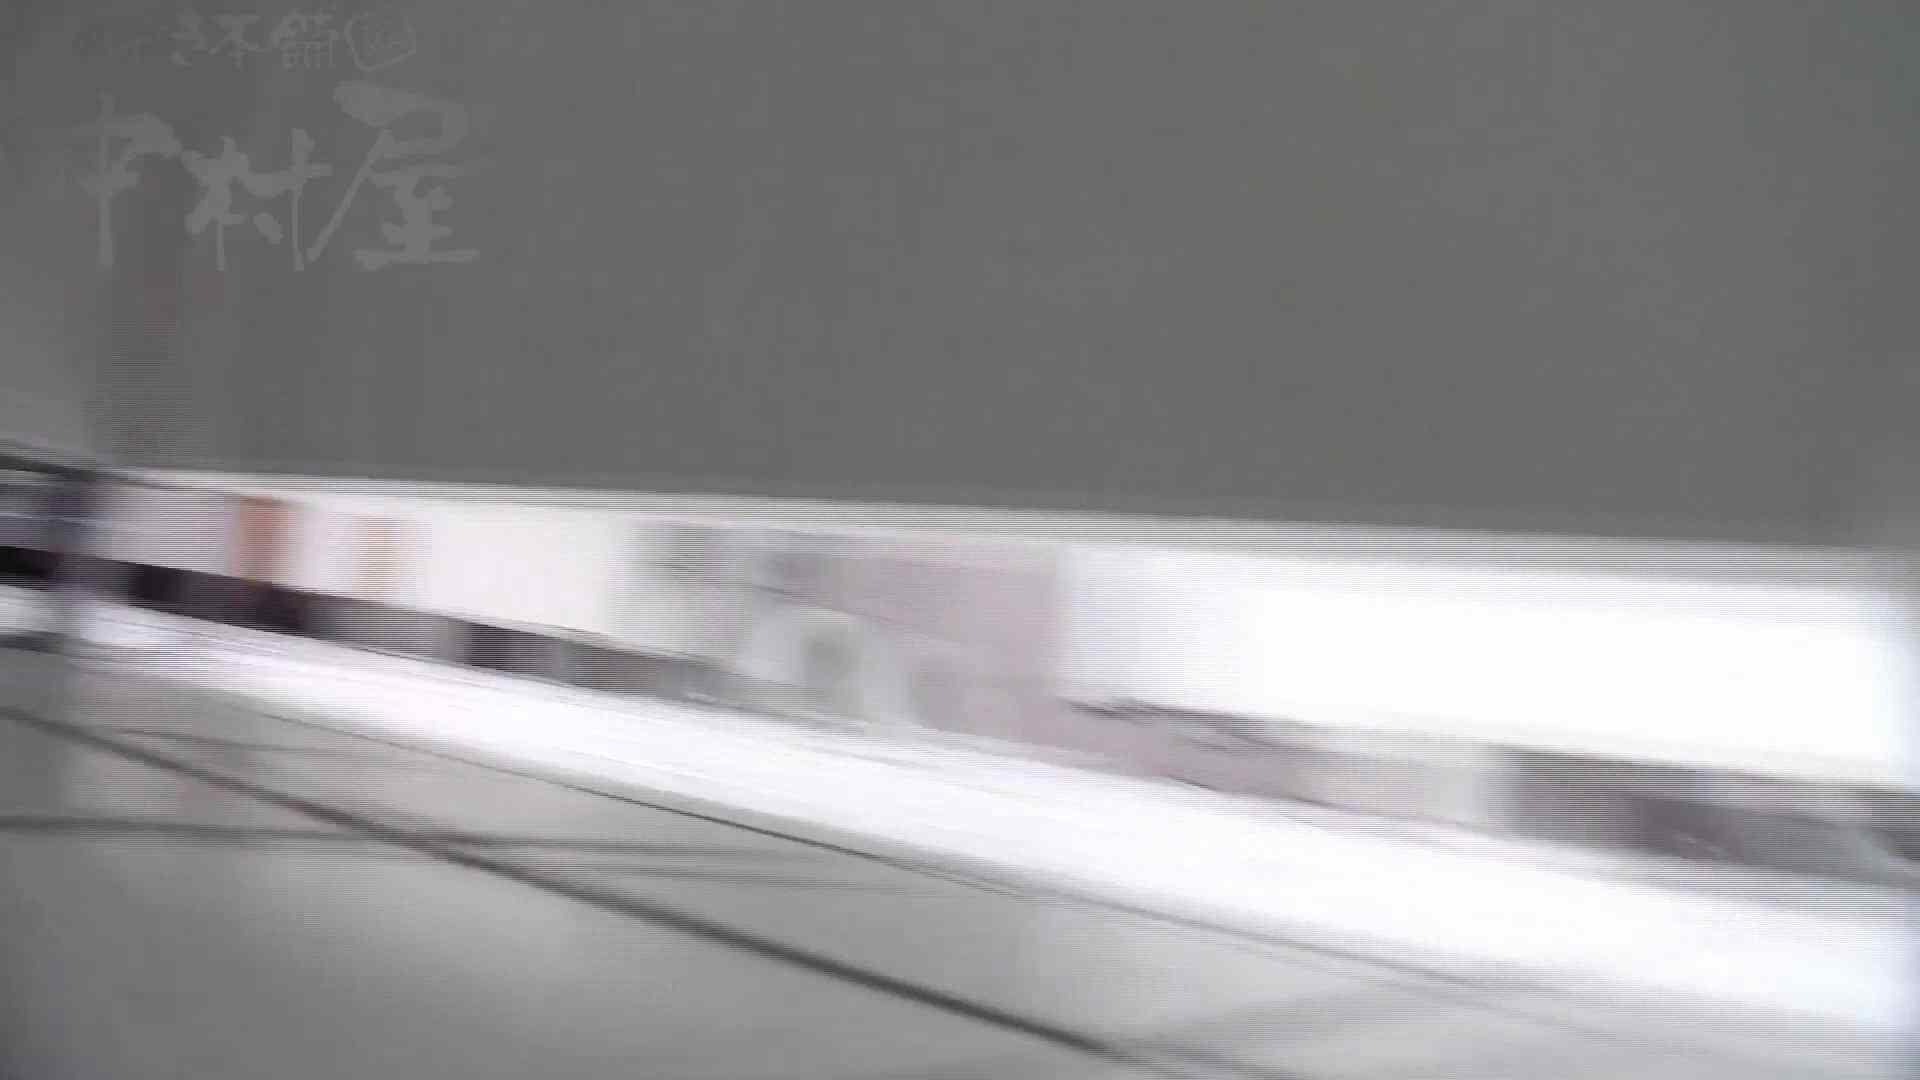 美しい日本の未来 No.24近すぎて怖っ! 乙女ハメ撮り  86Pix 68